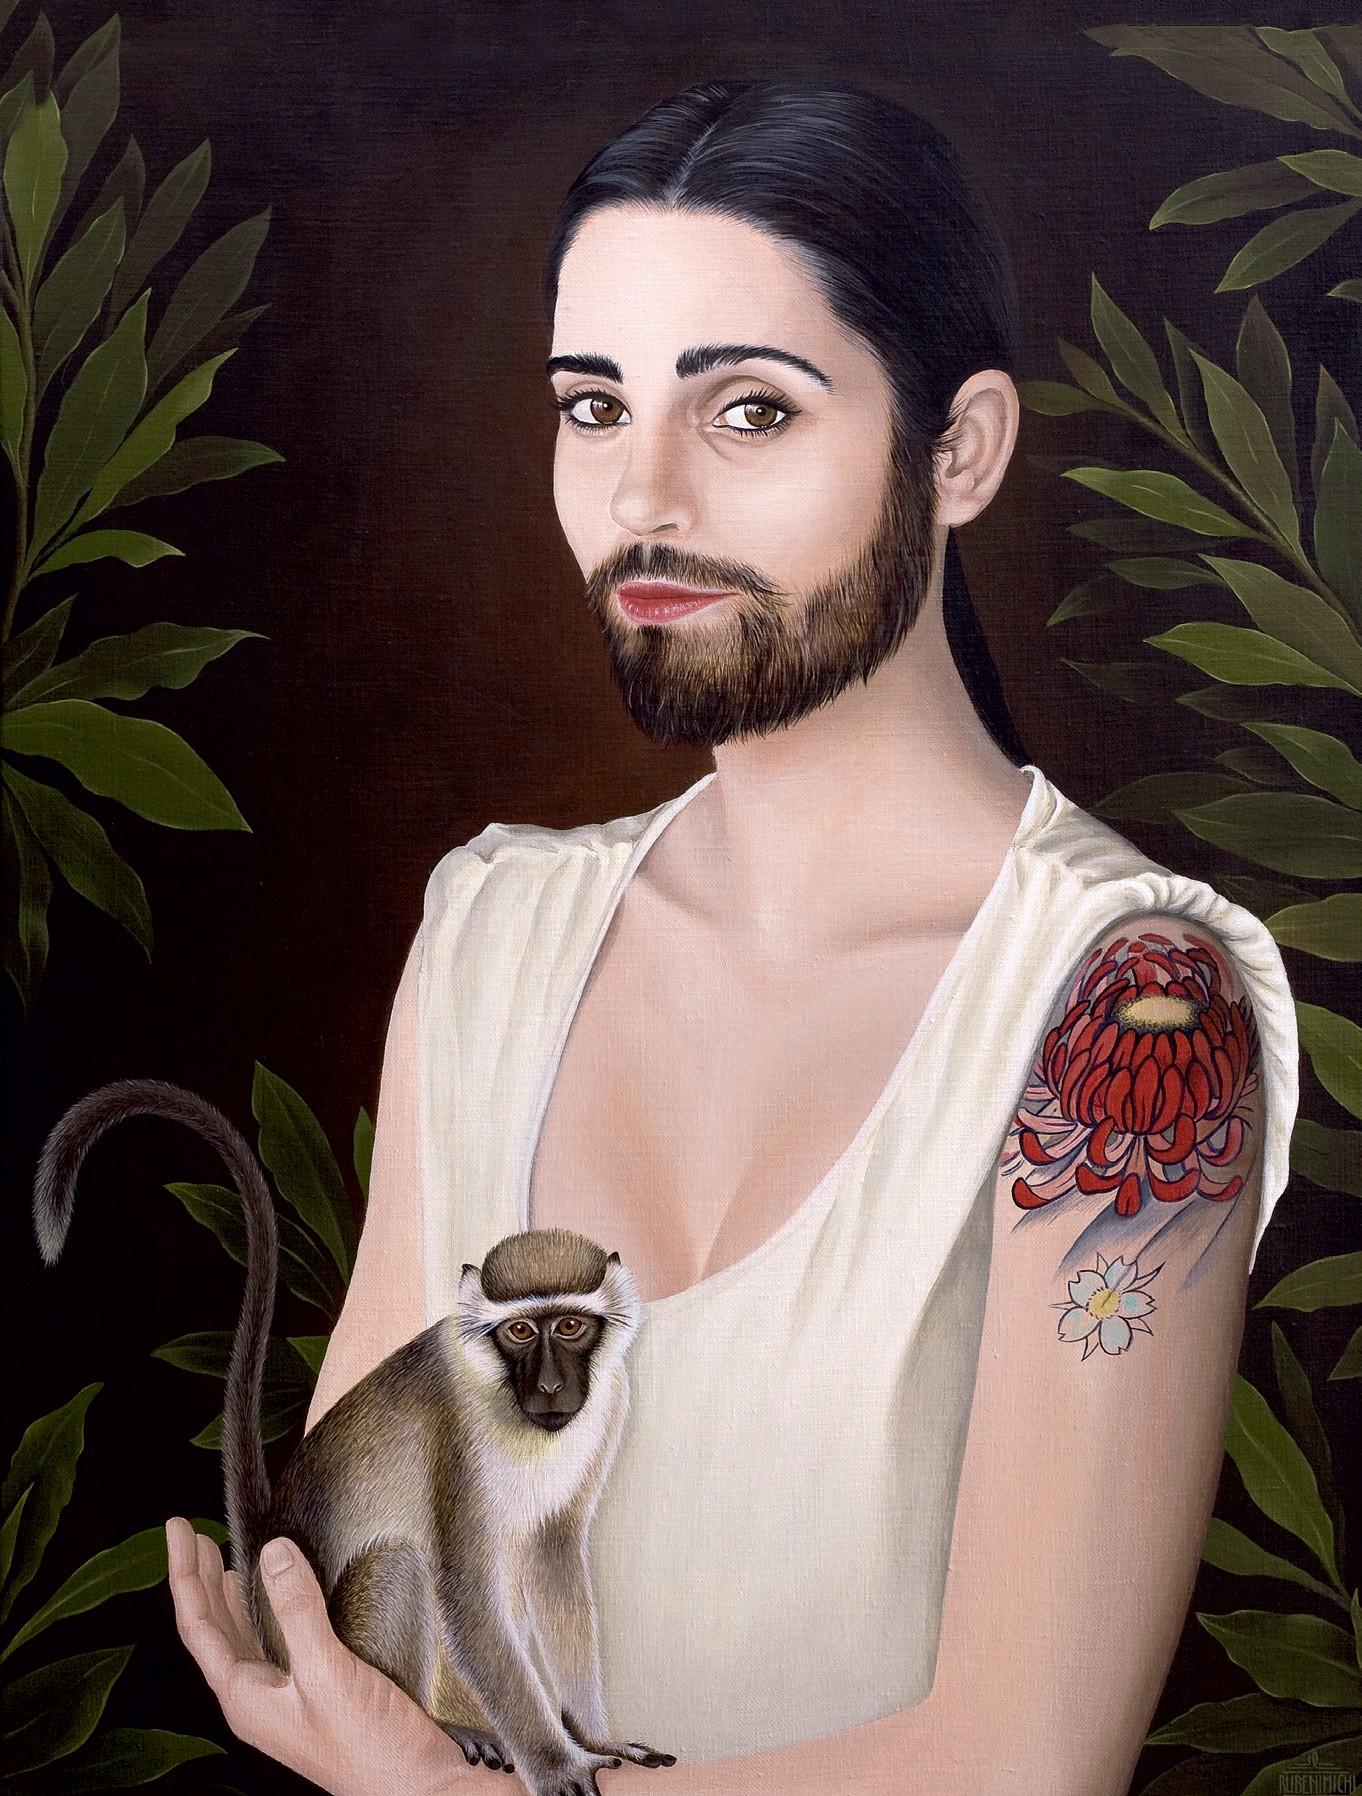 Aqui, a obra Mujer Barbuda (2011), do coletivo espanhol Rubenimichi. O trio de pintores cria personagens que misturam figuras humanas, animais e o universo fantástico (Foto: Reprodução e Divulgação)